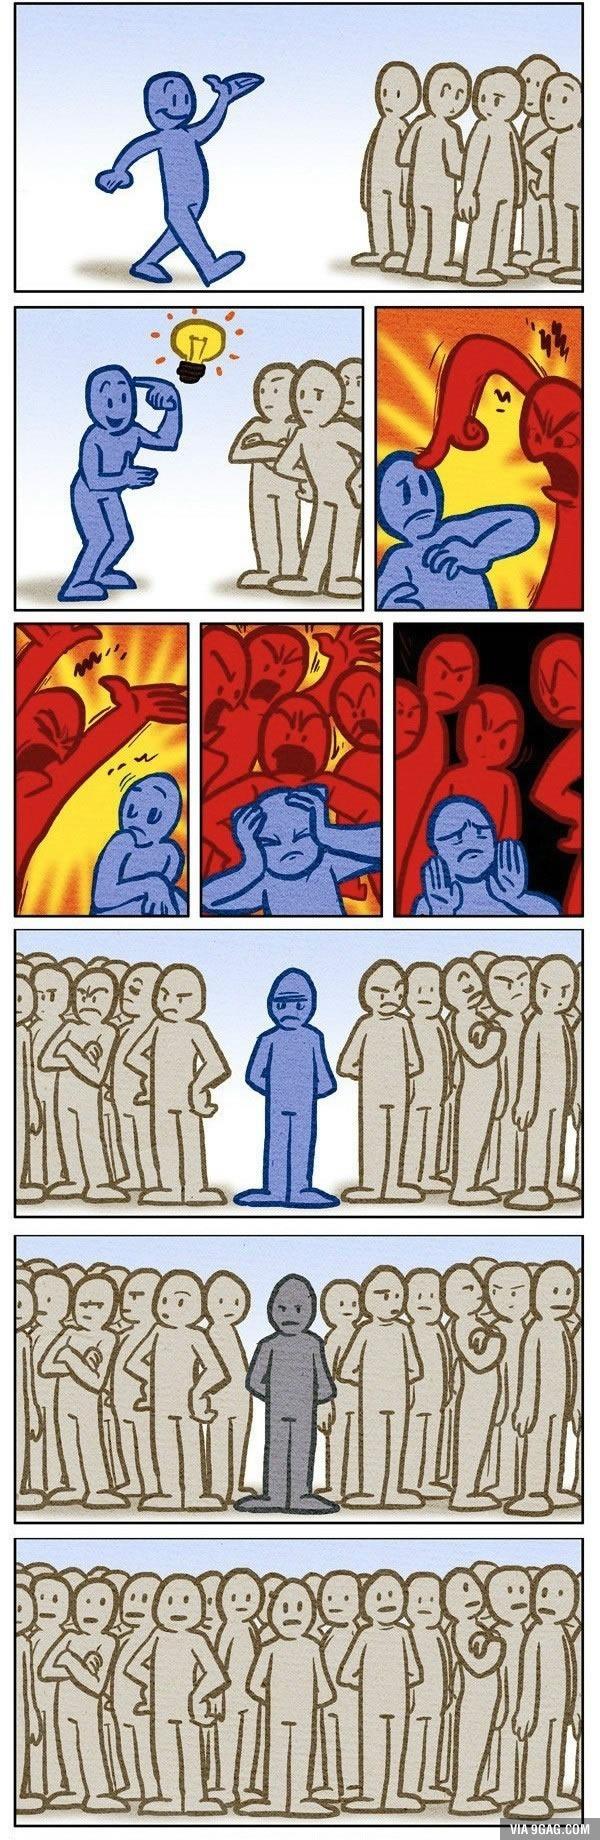 nuestra sociedad actual, cierto o no? opinad sin ofender,gracias :) - meme